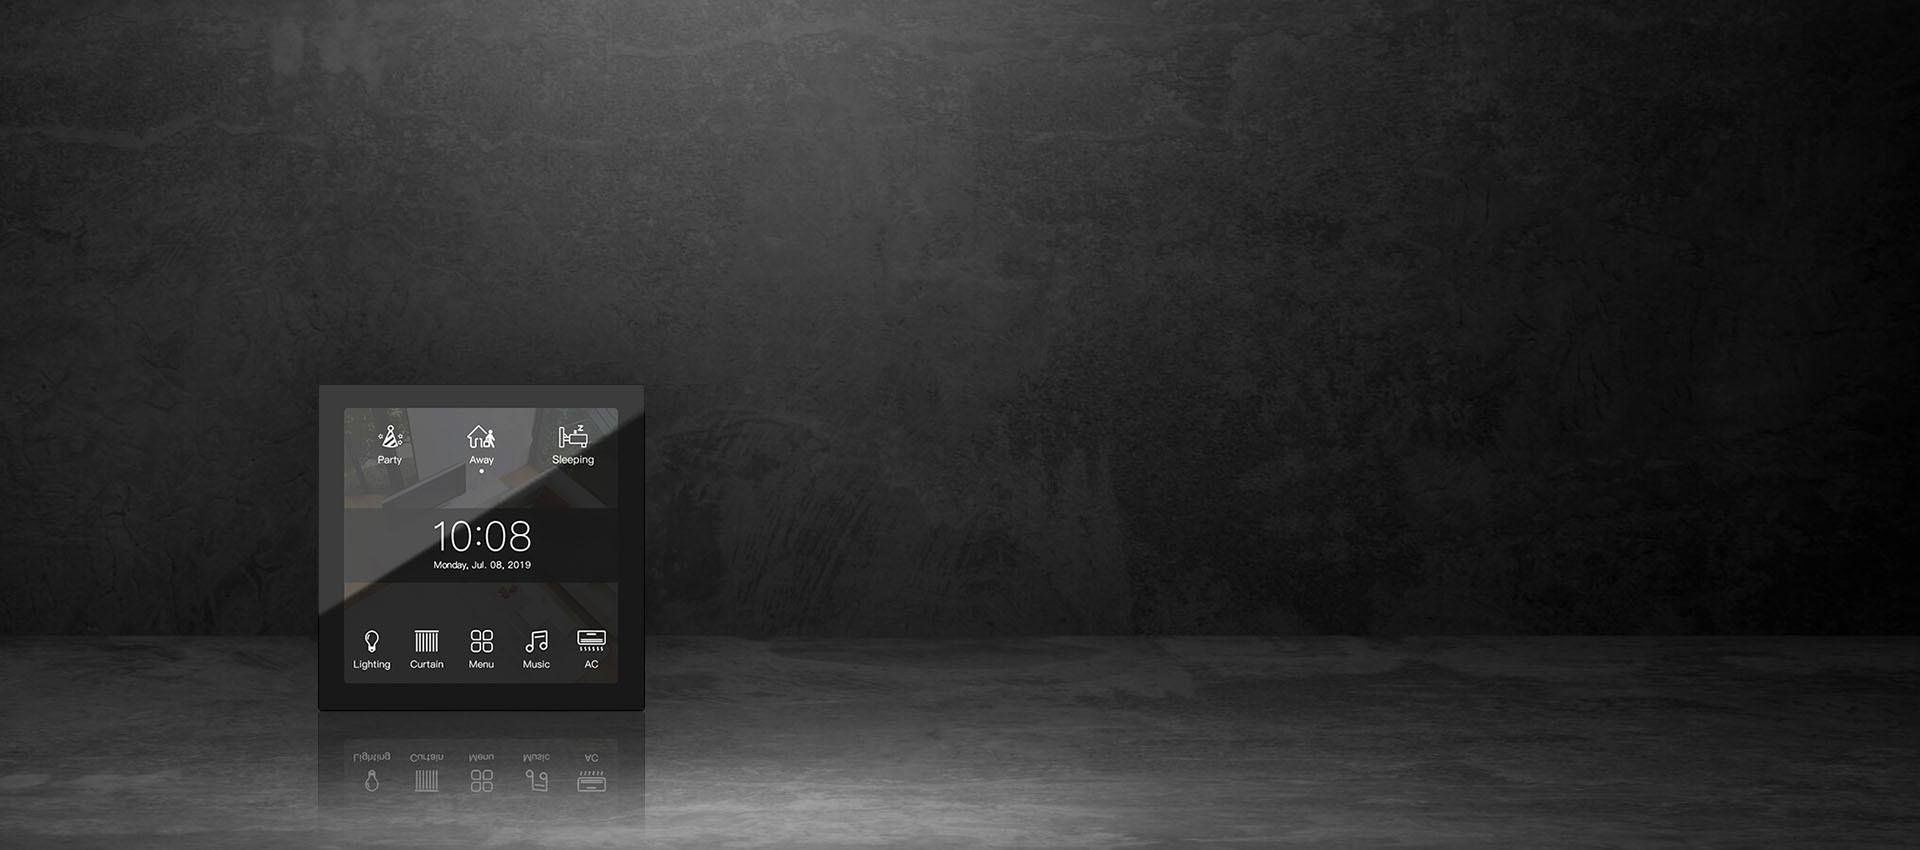 خانه هوشمند نورال | نماینده خانه هوشمند HDL در ساری | تاچ اسکرین هوشمند اچ دی ال HDL Granite Display